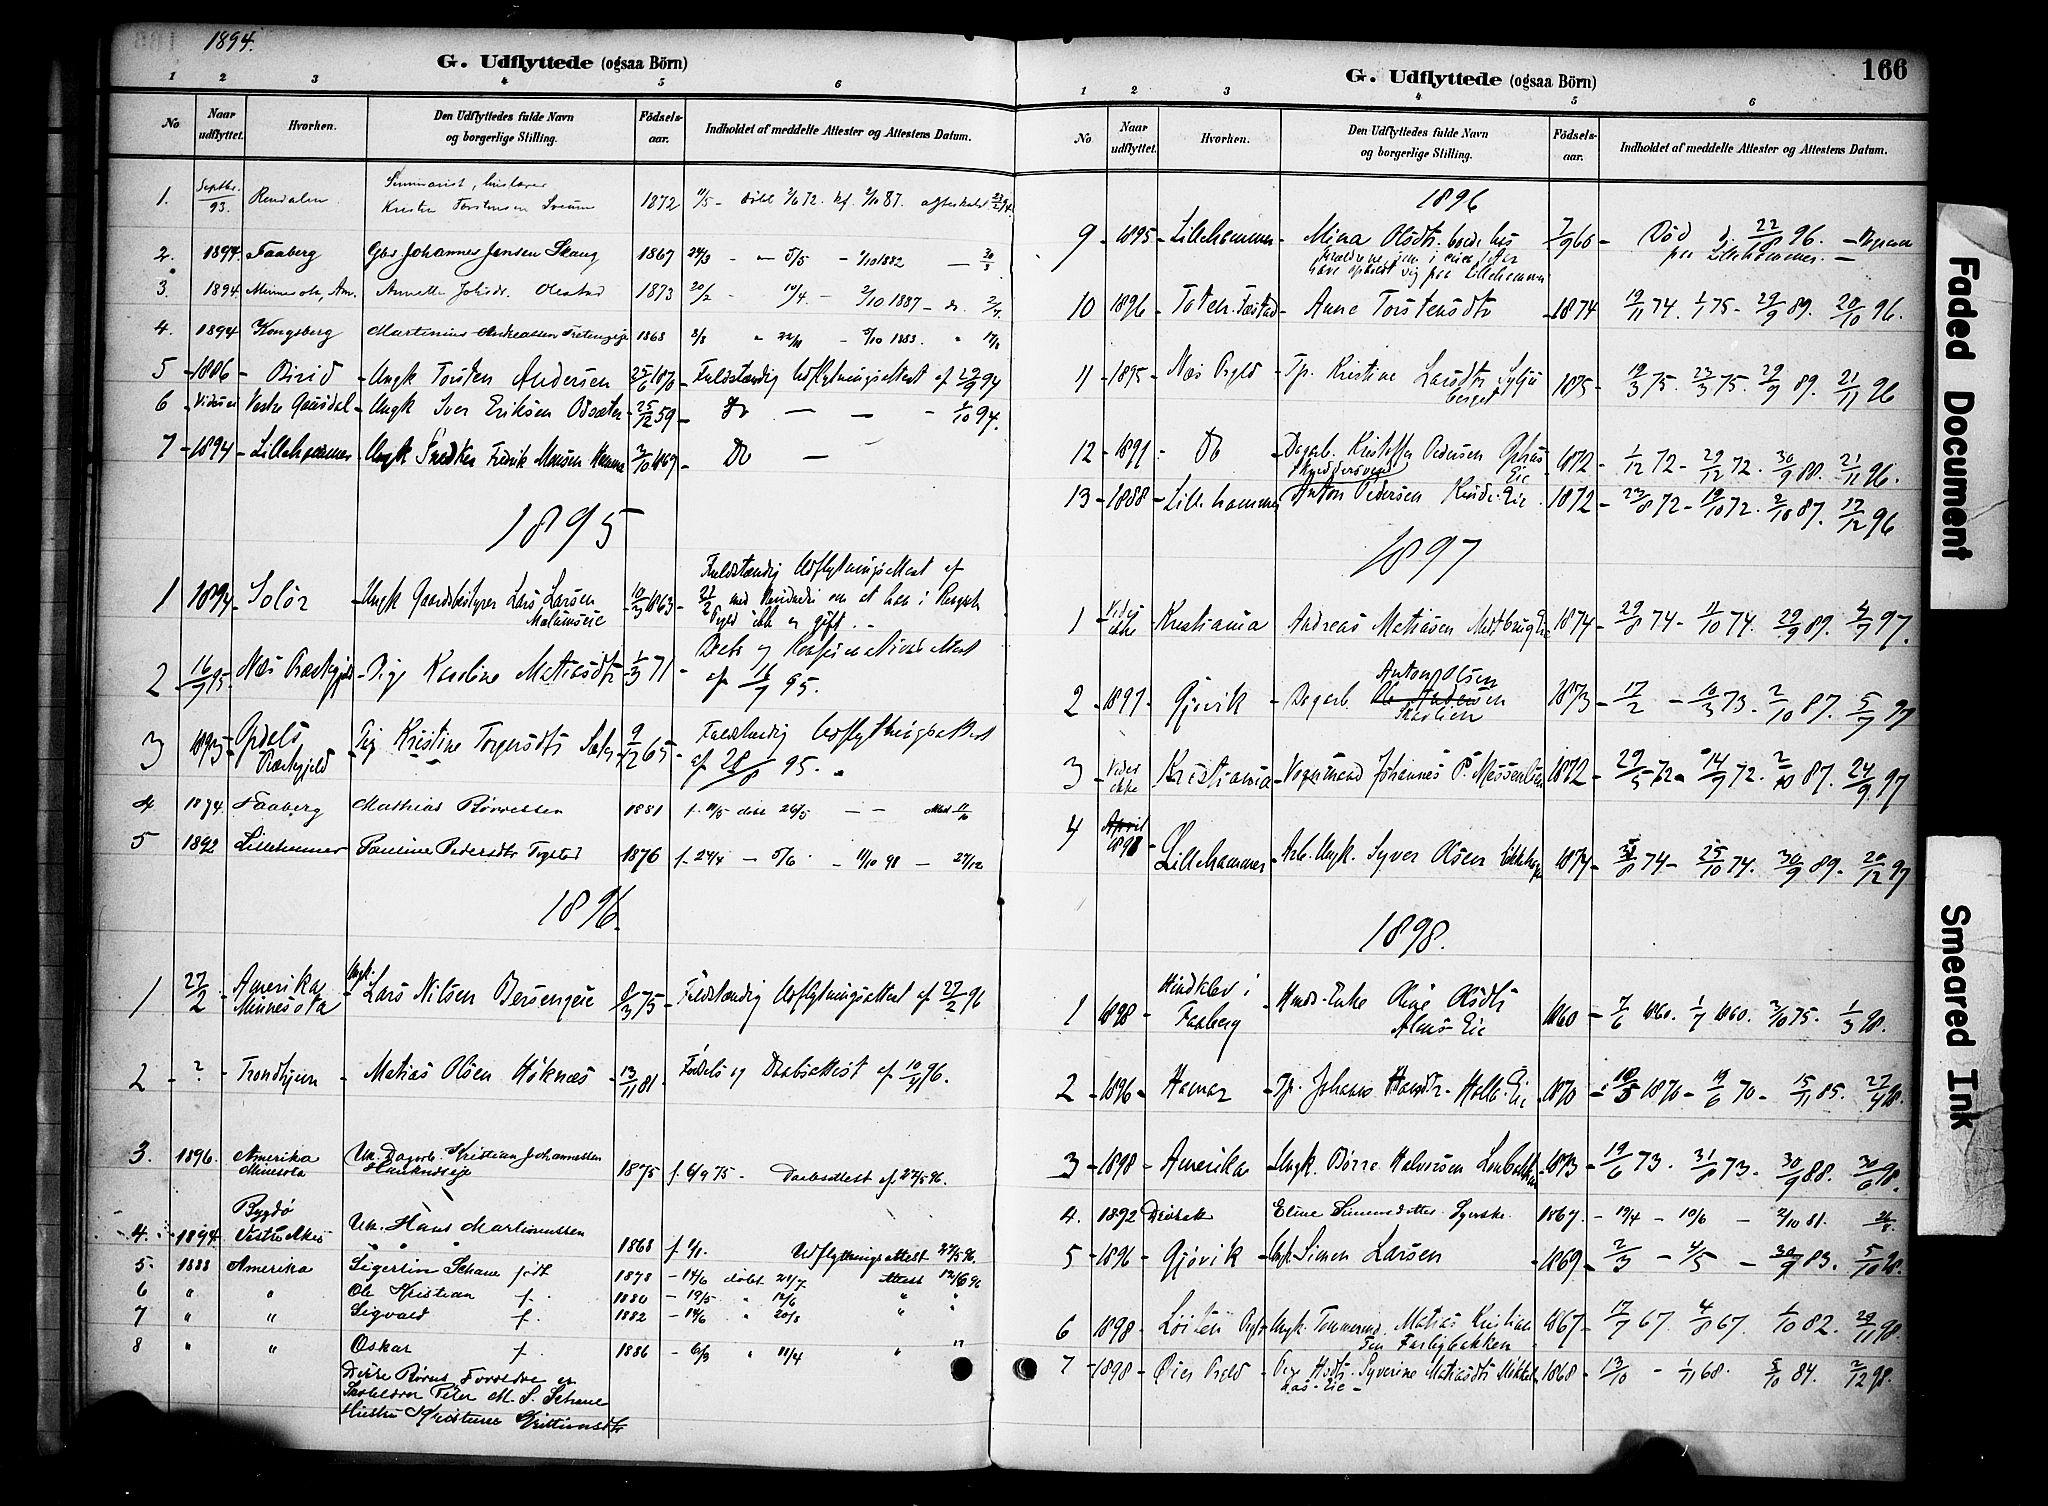 SAH, Ringsaker prestekontor, K/Ka/L0015: Ministerialbok nr. 15, 1891-1904, s. 166